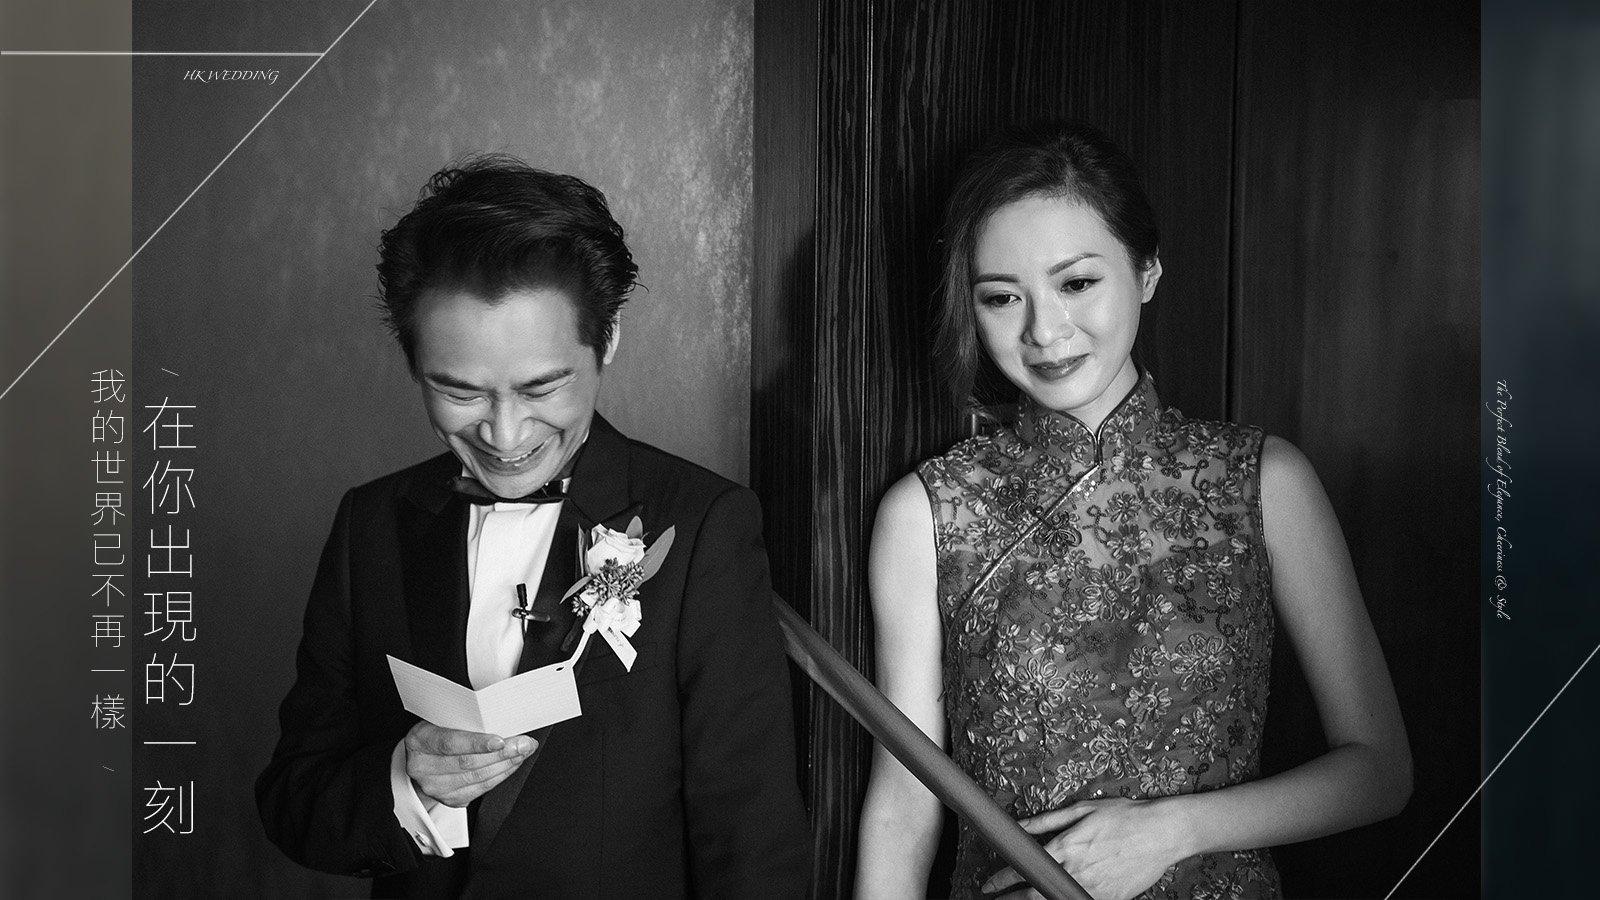 這十七年 | Big Day Photography | 婚禮攝影